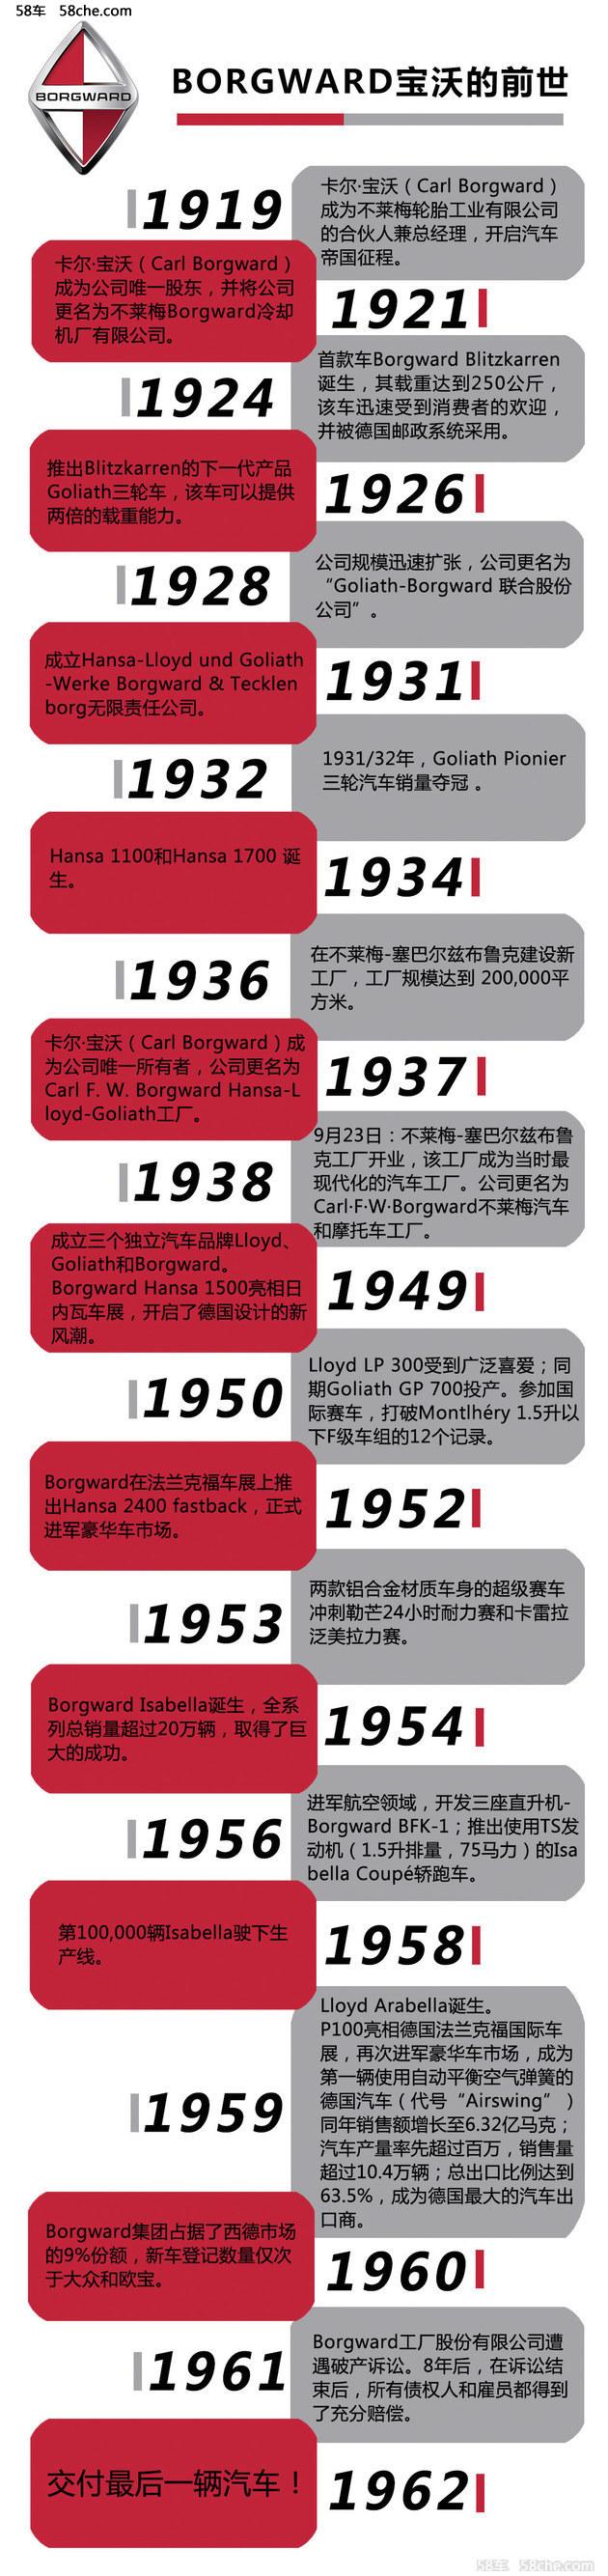 重温昔日辉煌 德国Borgward宝沃品牌简史